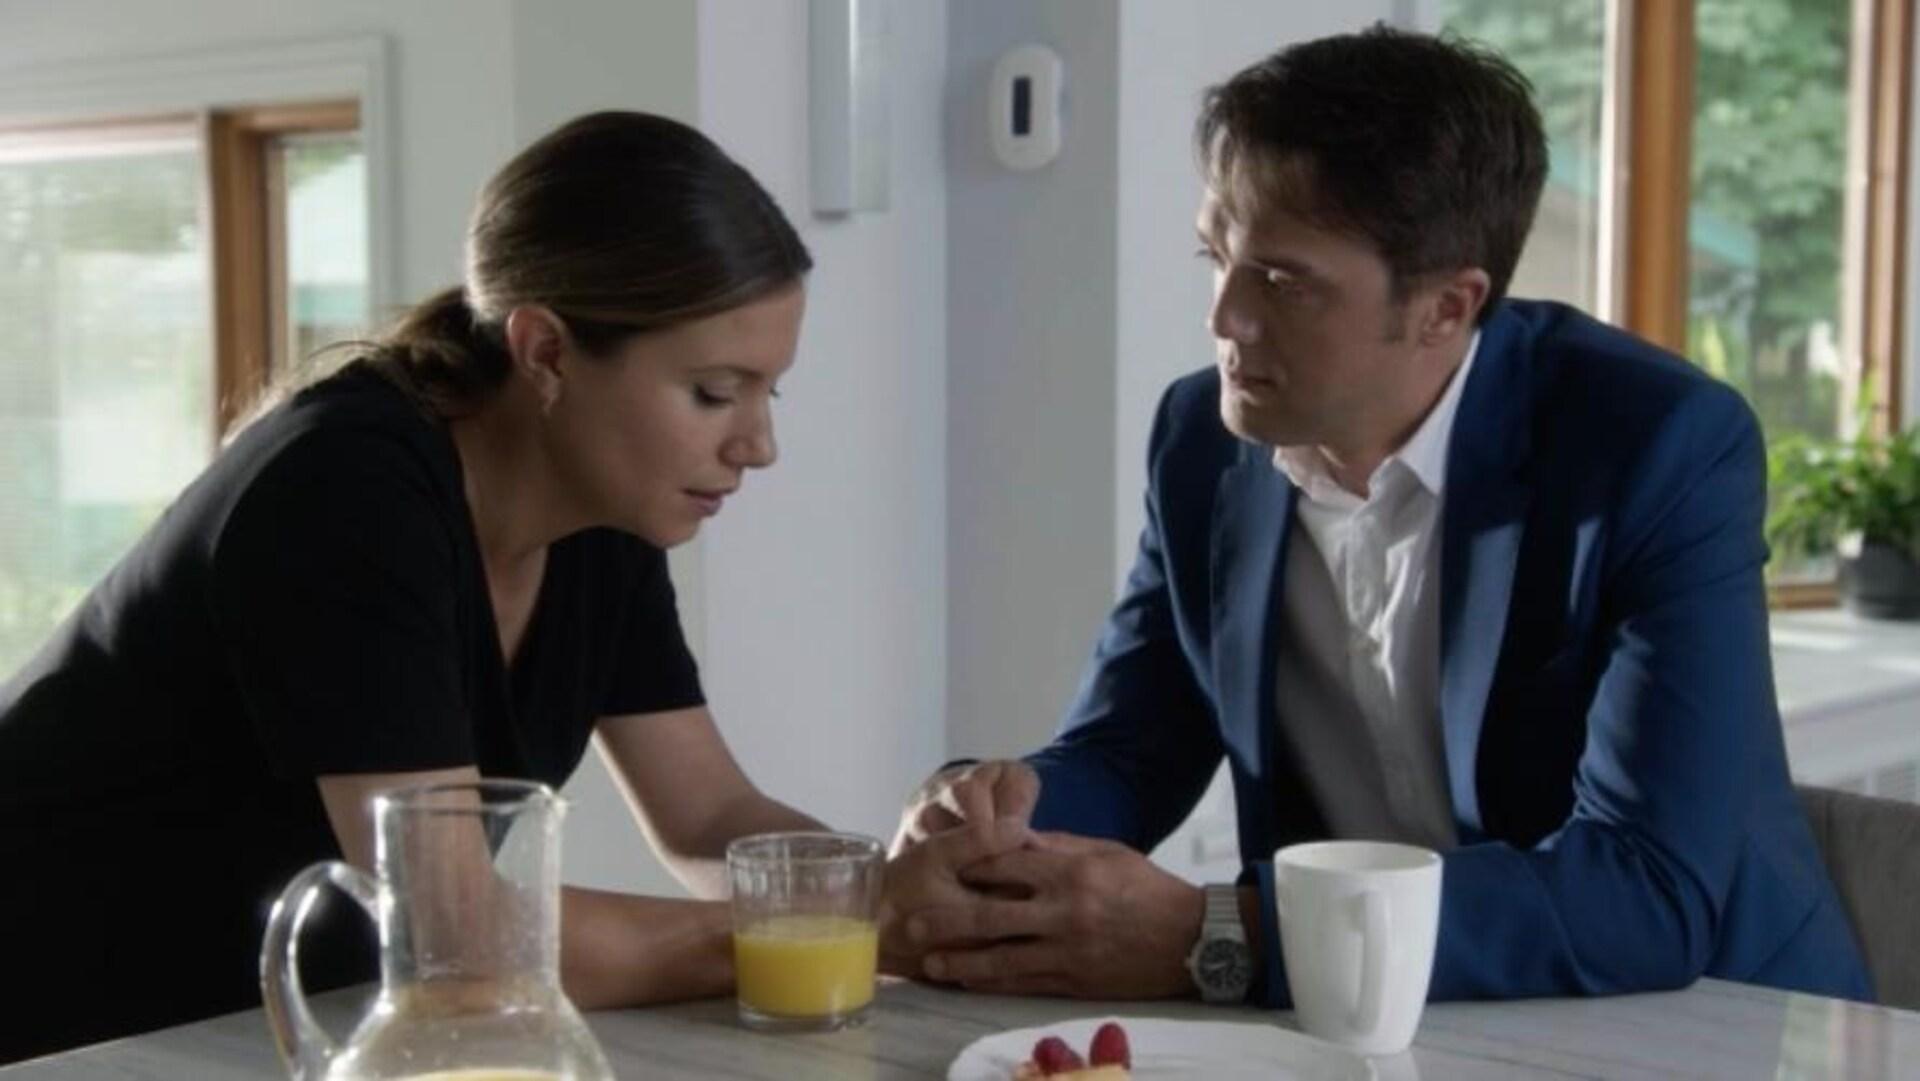 Dans leur cuisine, les deux personnages parlent en se tenant les mains.